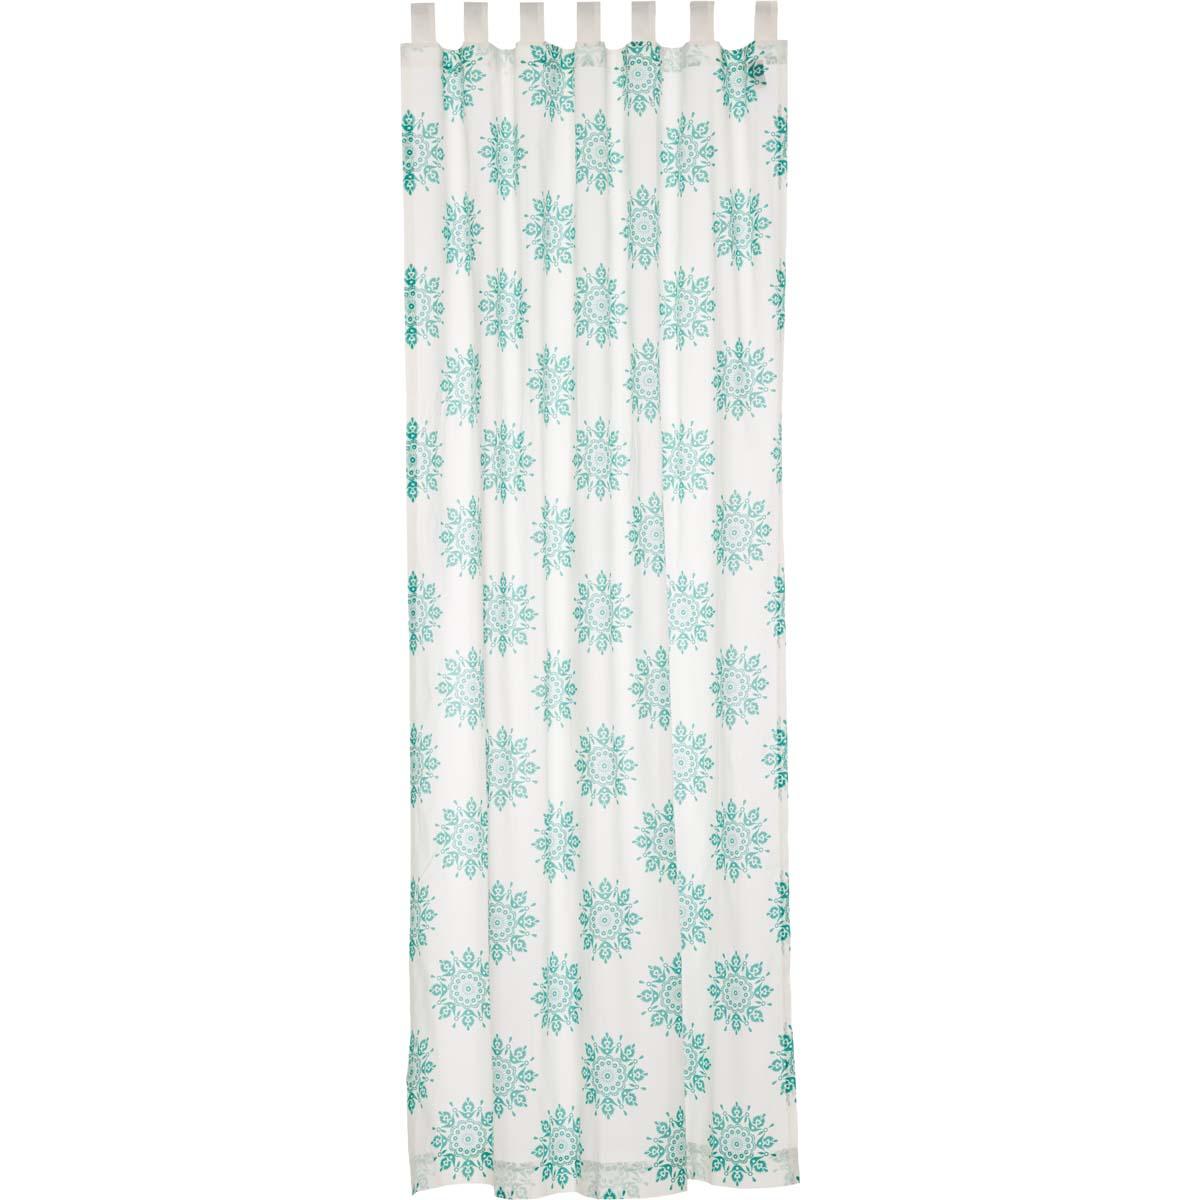 Mariposa Turquoise Panel 96x50